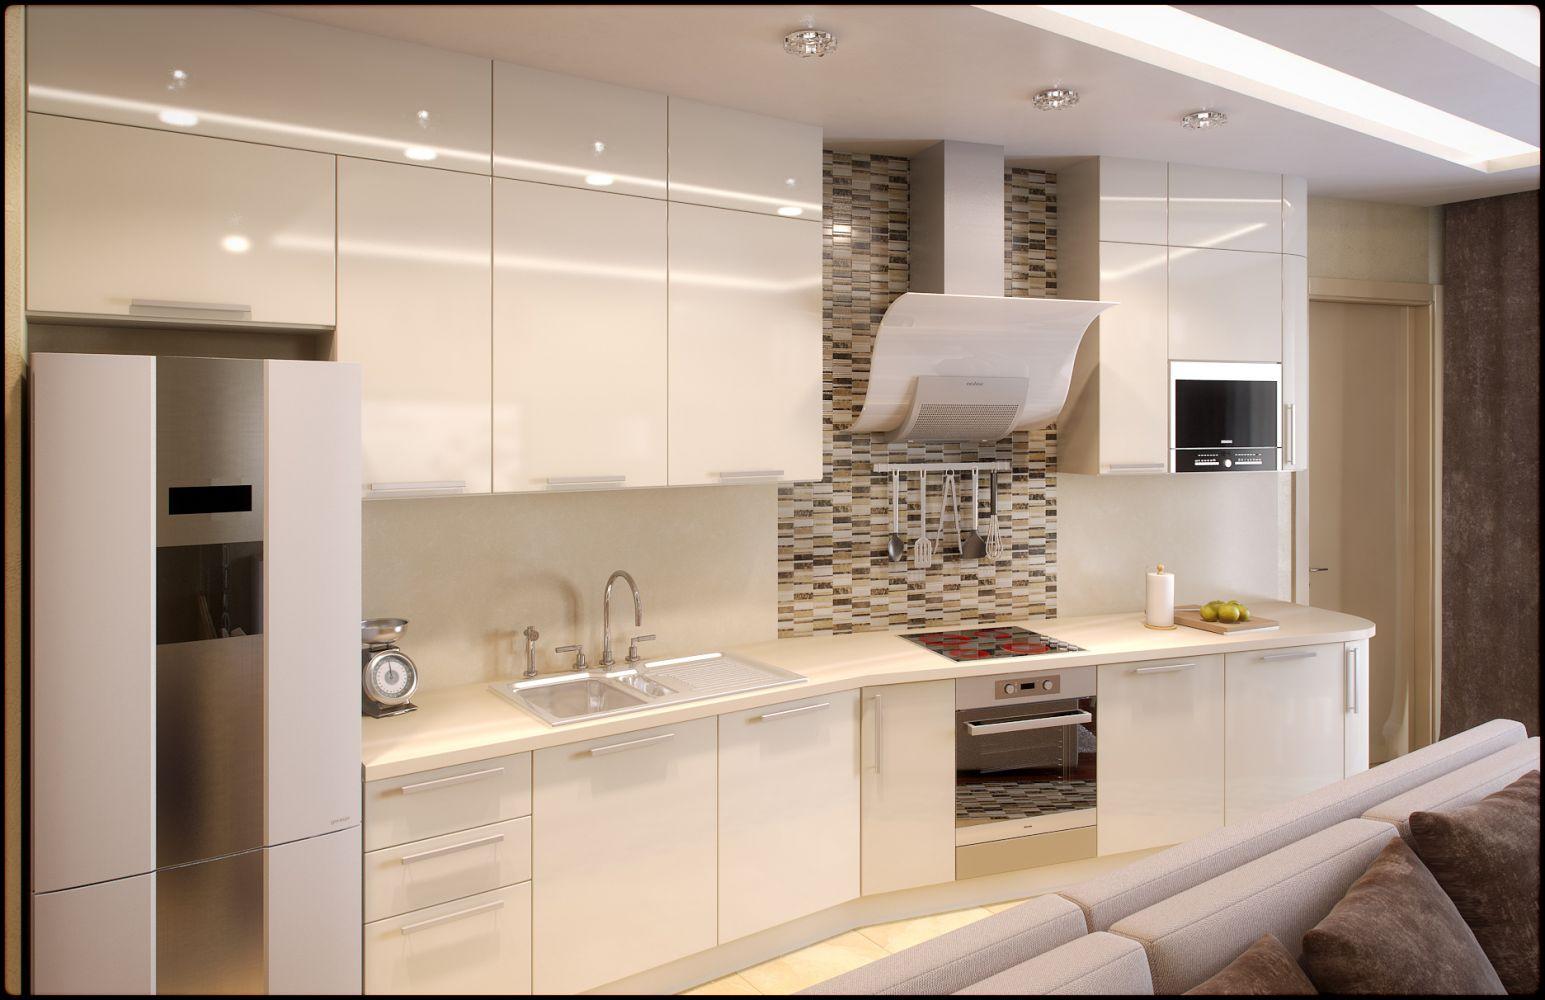 Светлые угловые кухни 26 фото характеристики кухонных гарнитуров в стиле классика Особенности кухонь со светлым верхом и темным низом